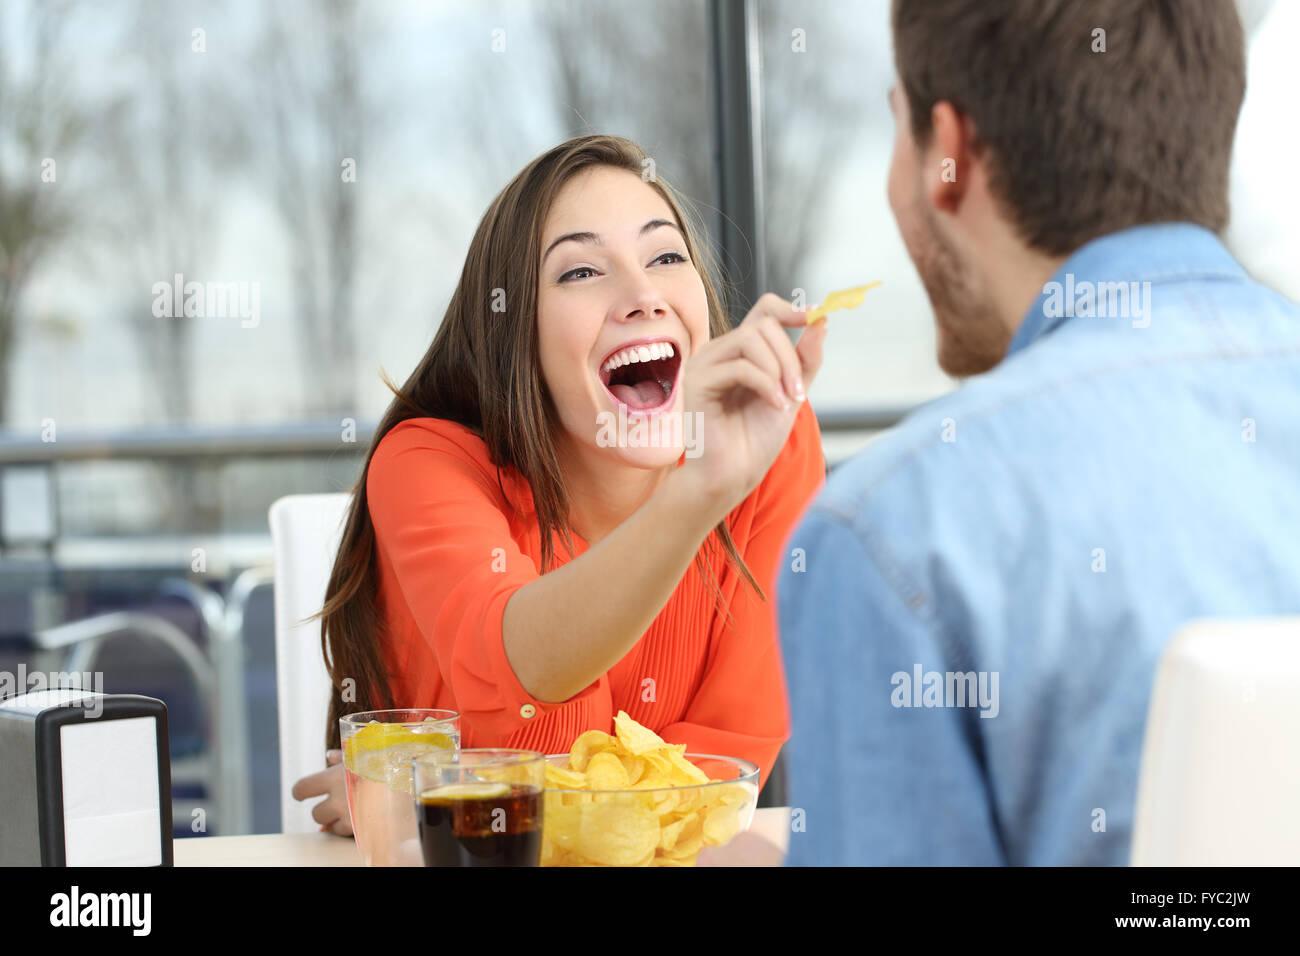 Playful couple puce manger des pommes de terre et de plaisanter à l'autre dans une date dans un café Photo Stock